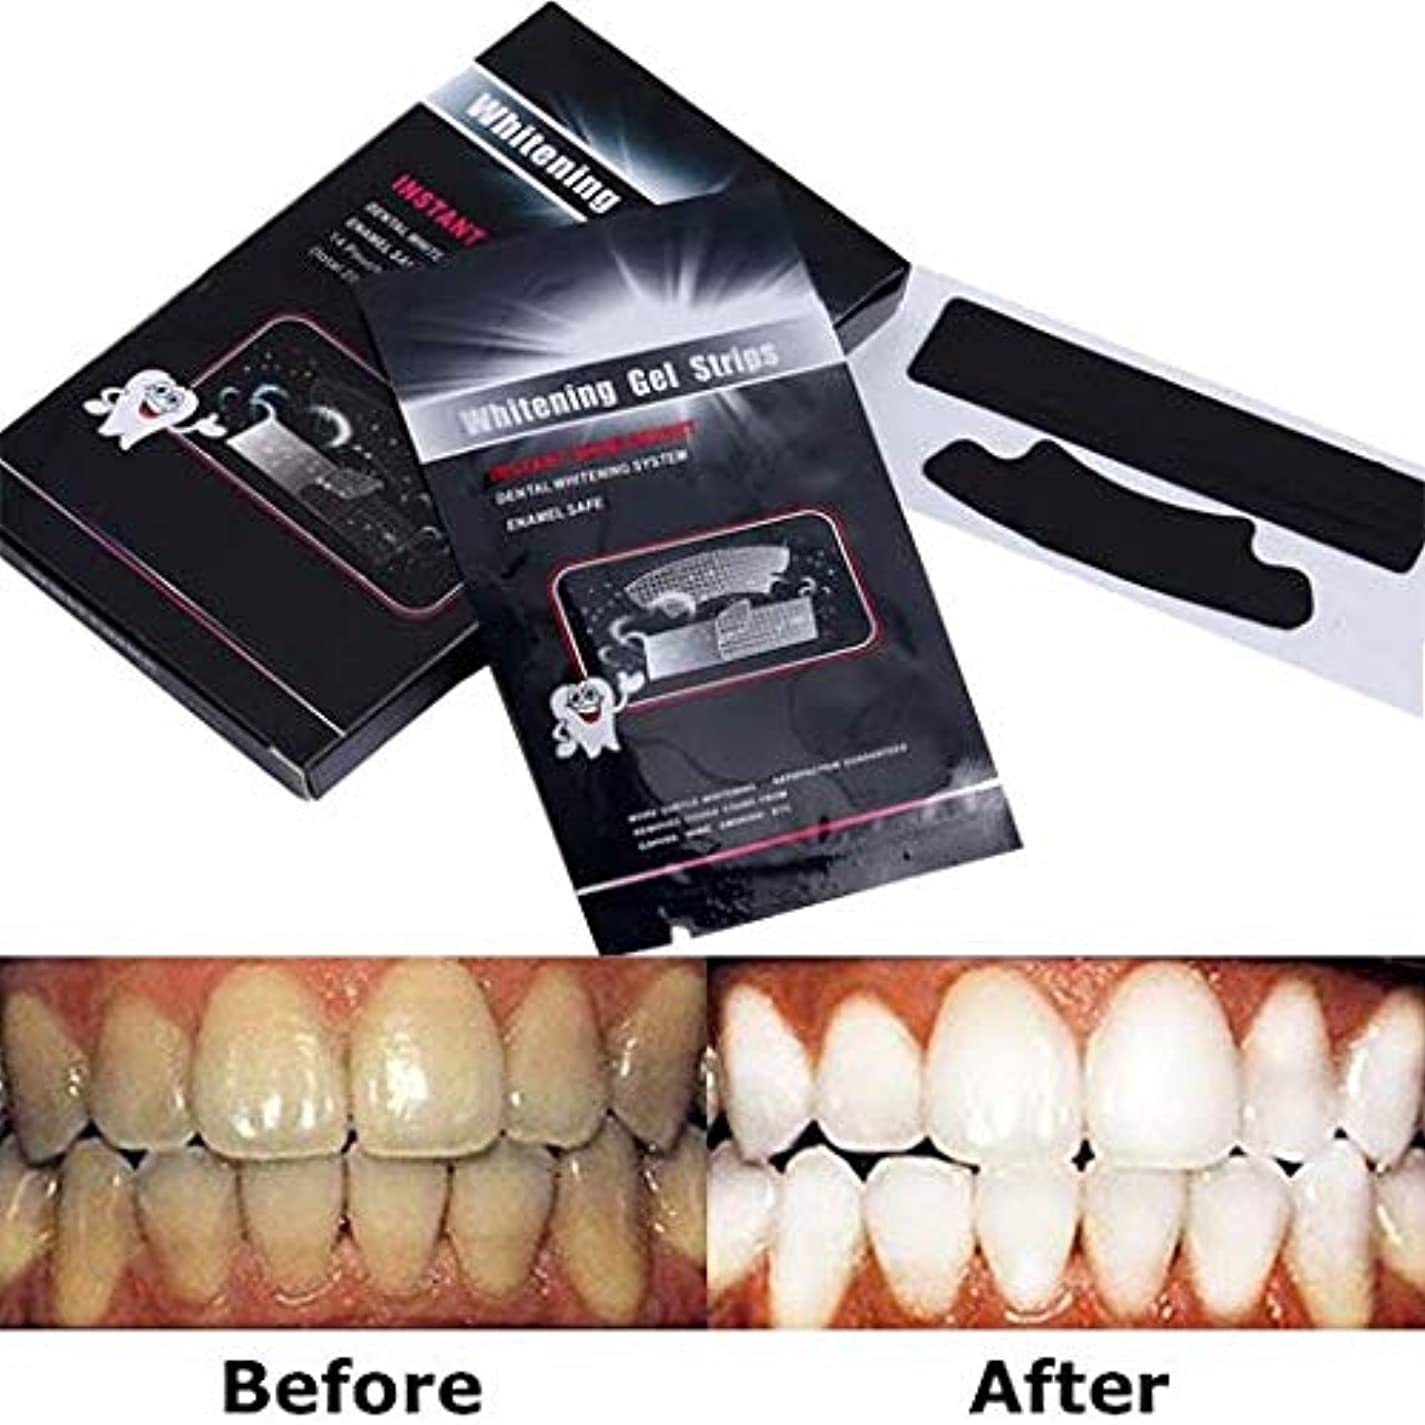 織機透過性死傷者14セット 28枚入り 活性竹炭歯を白くする、歯を白くするストリップ、ストリップをホワイトニングするプロの歯 - ホワイトパックであなたの歯を白くする28-パック - 歯からコーヒー、紅茶、およびタバコの汚れを取り除きます...